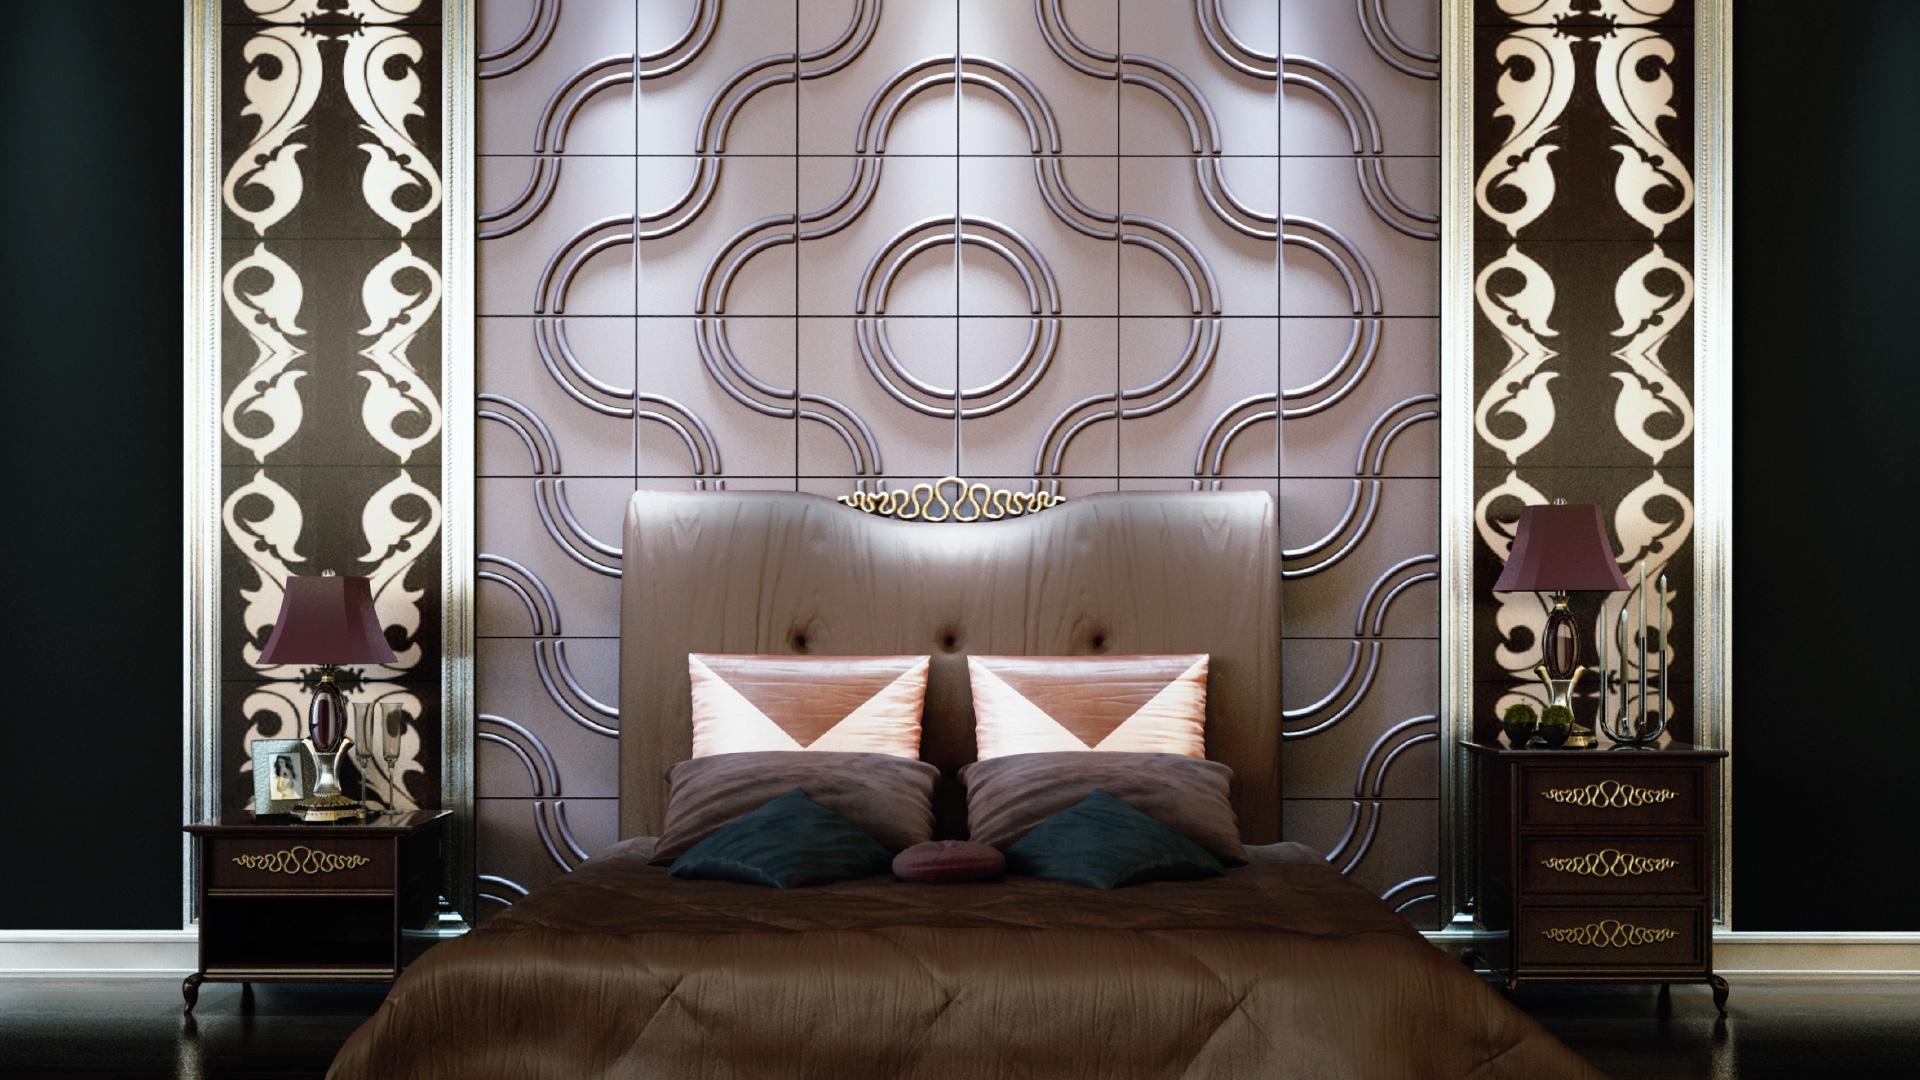 3D Wandpaneele - Produkte - Karlstad - Deckenpaneele - 3D Tapeten - Wandverkleidung